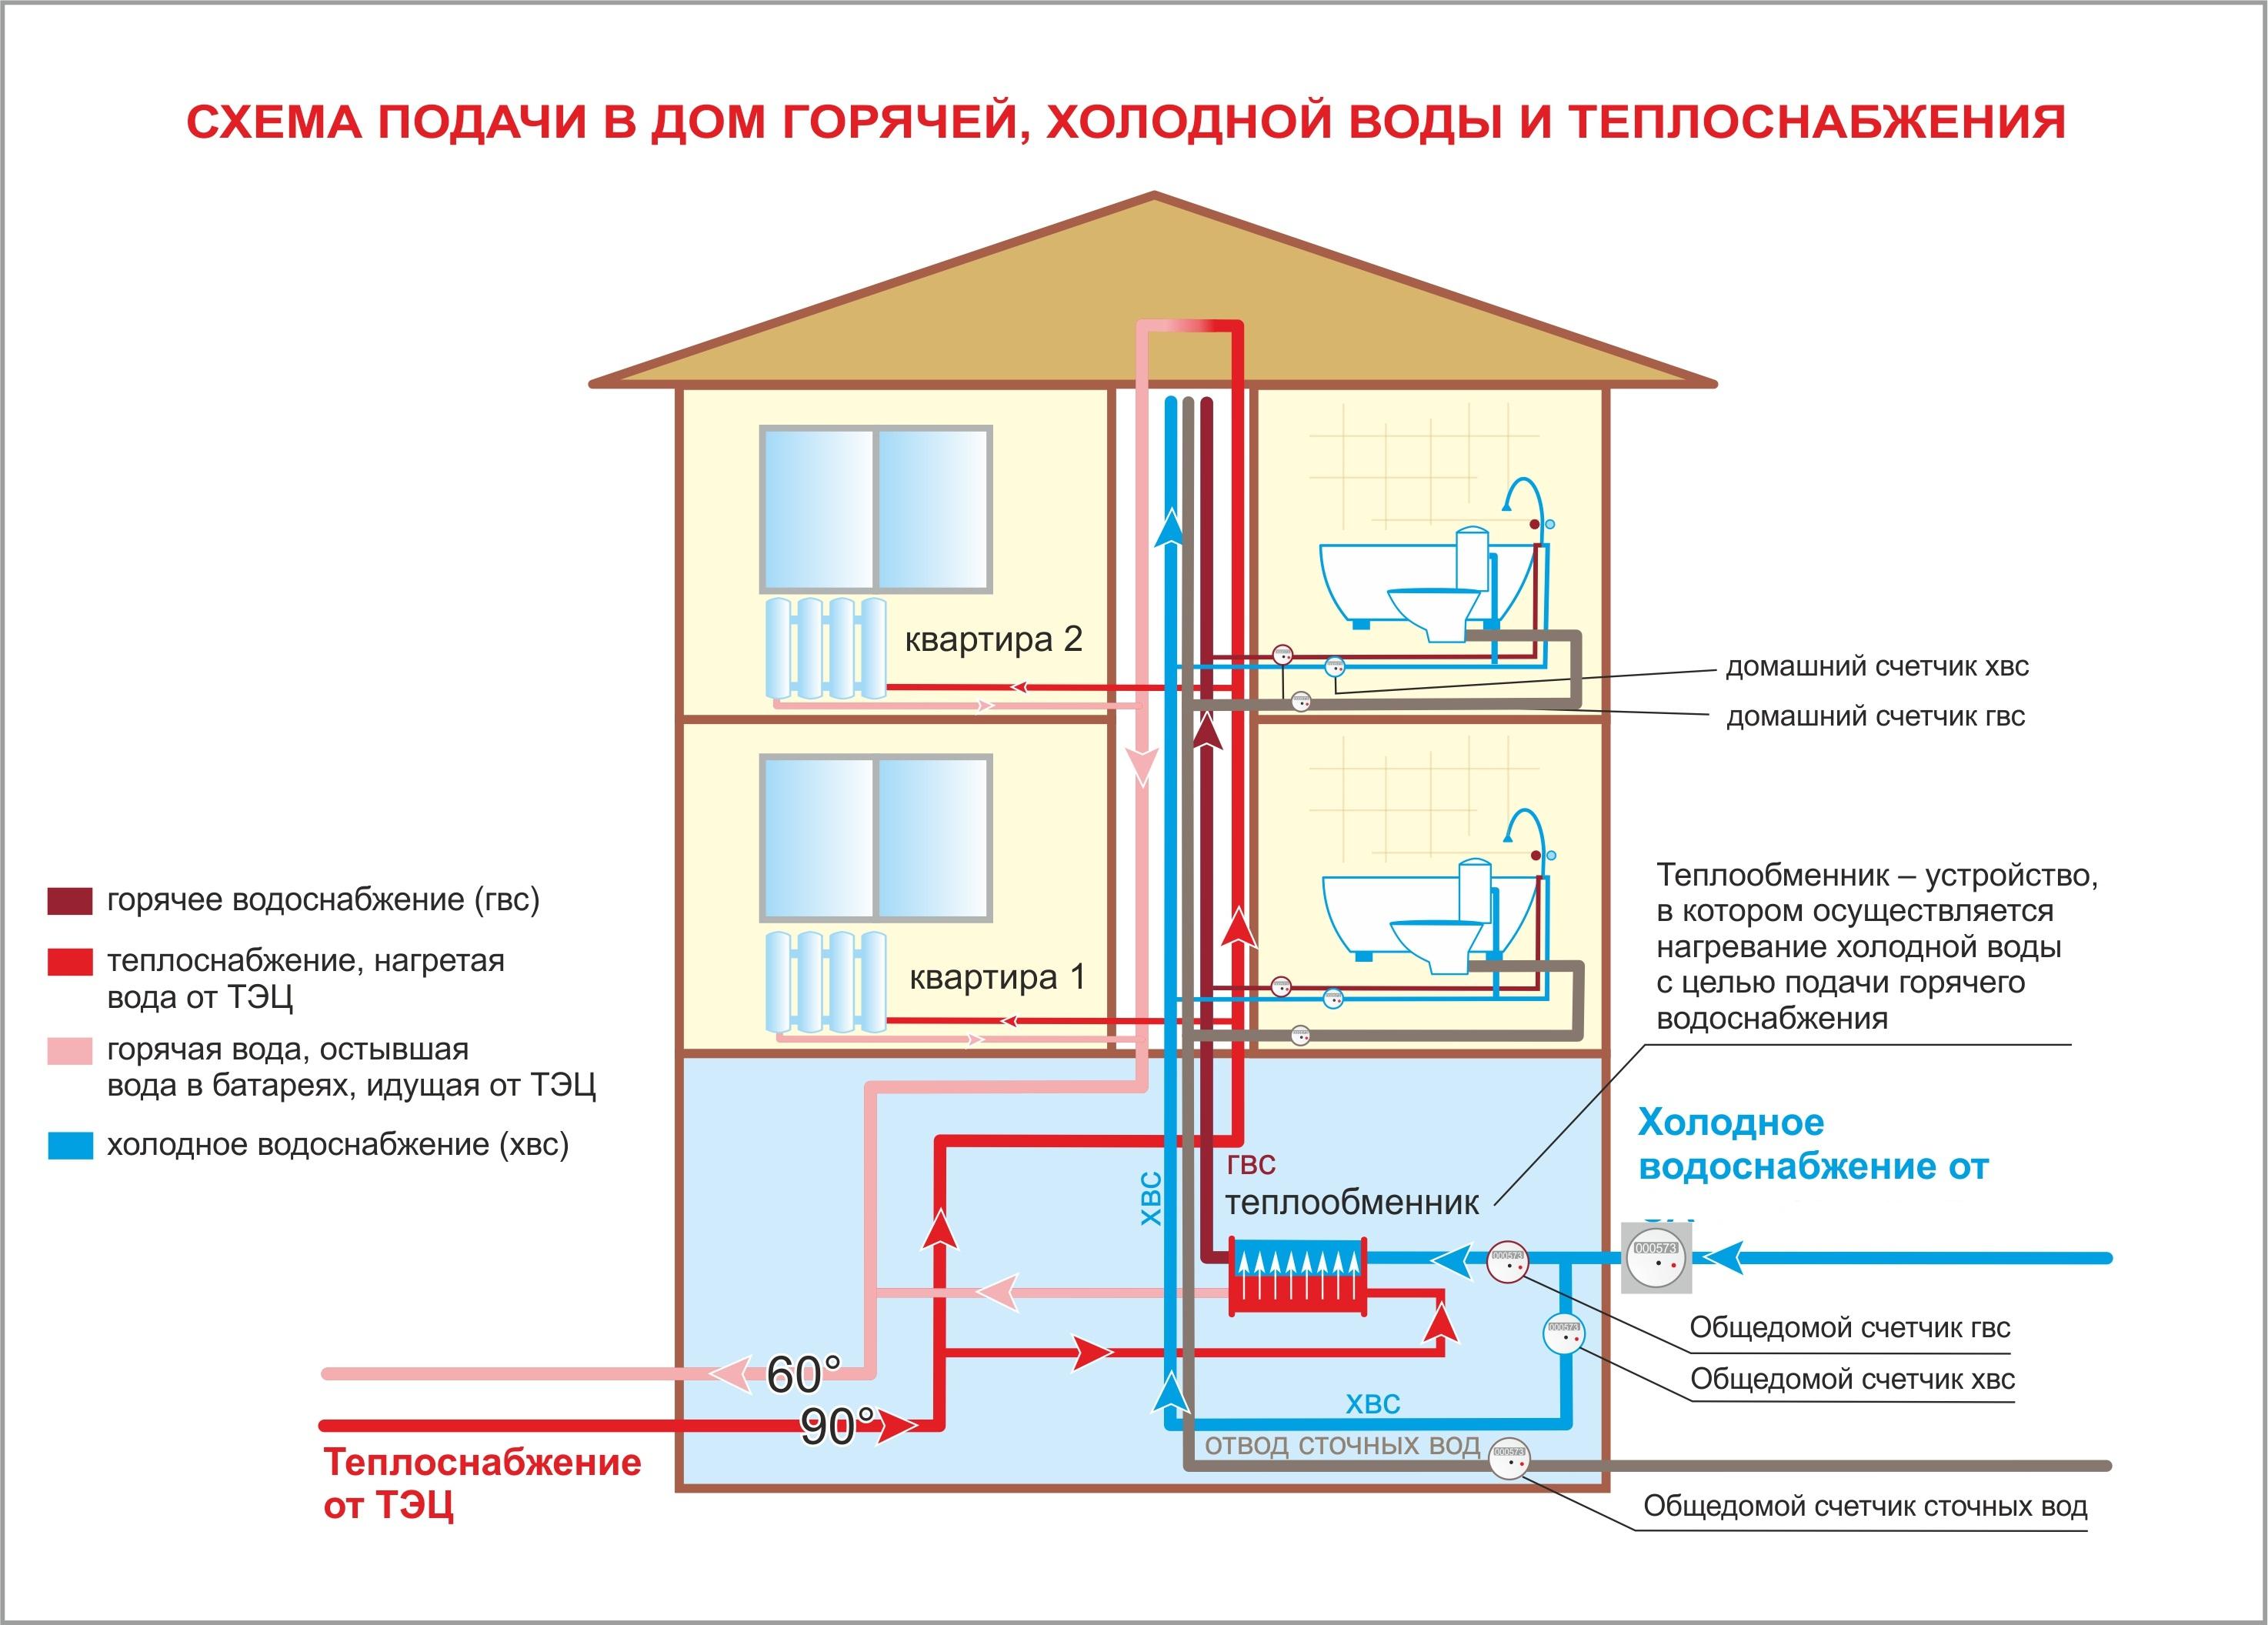 О порядке утверждения схем водоснабжения и водоотведения